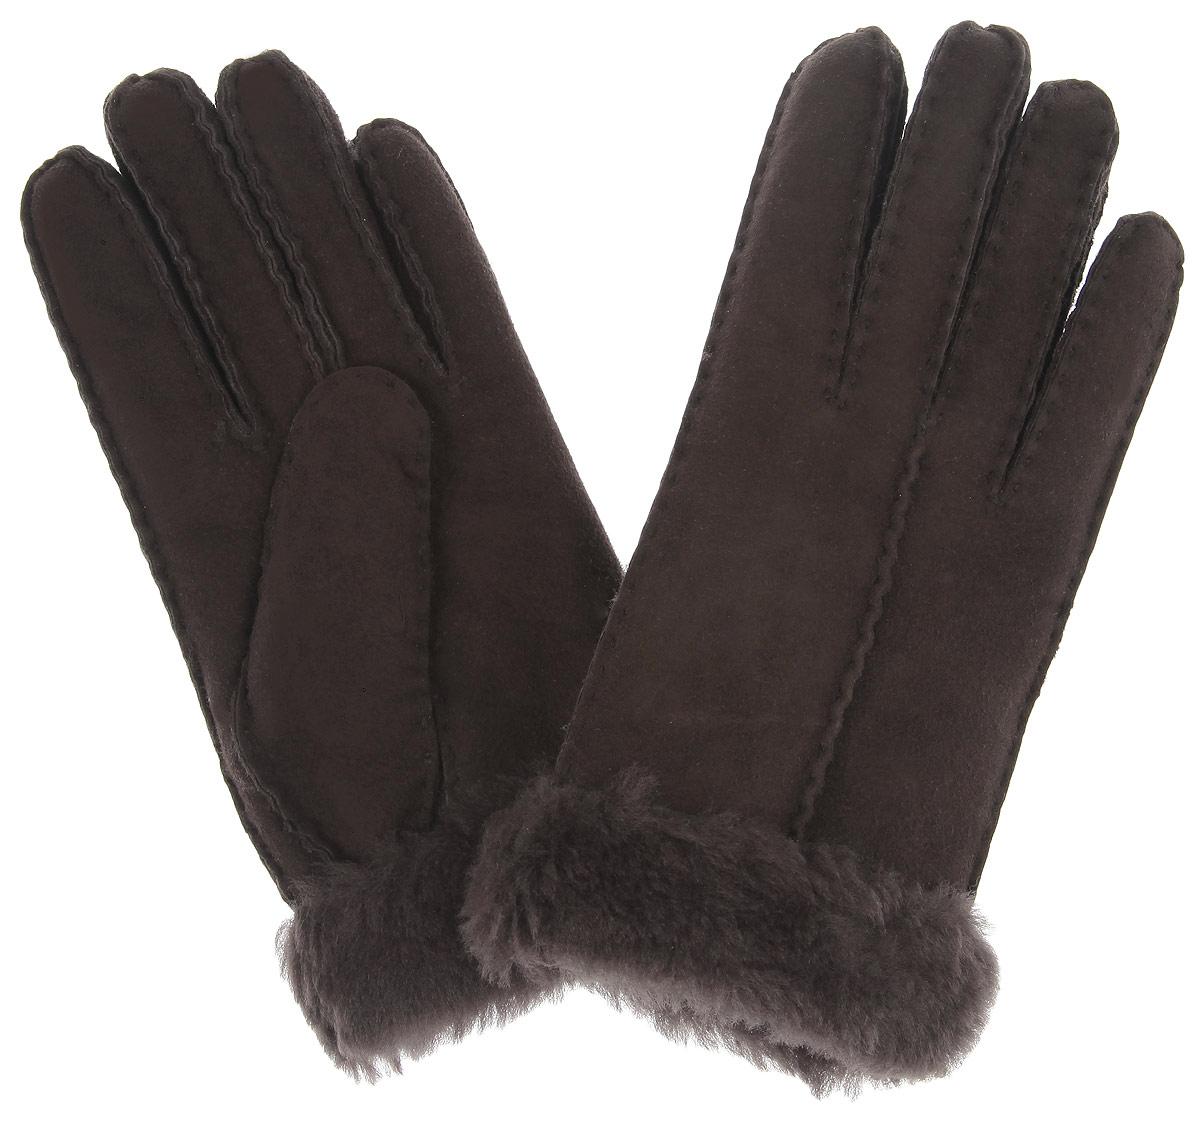 Перчатки25.11-2 chocolatСтильные женские перчатки Fabretti не только защитят ваши руки, но и станут великолепным украшением. Перчатки выполнены из чрезвычайно мягкой и приятной на ощупь мелковорсистой натуральной кожи, а их подкладка - из натурального меха. Перчатки оформлены наружными ручными швами. Стильный аксессуар для повседневного образа.